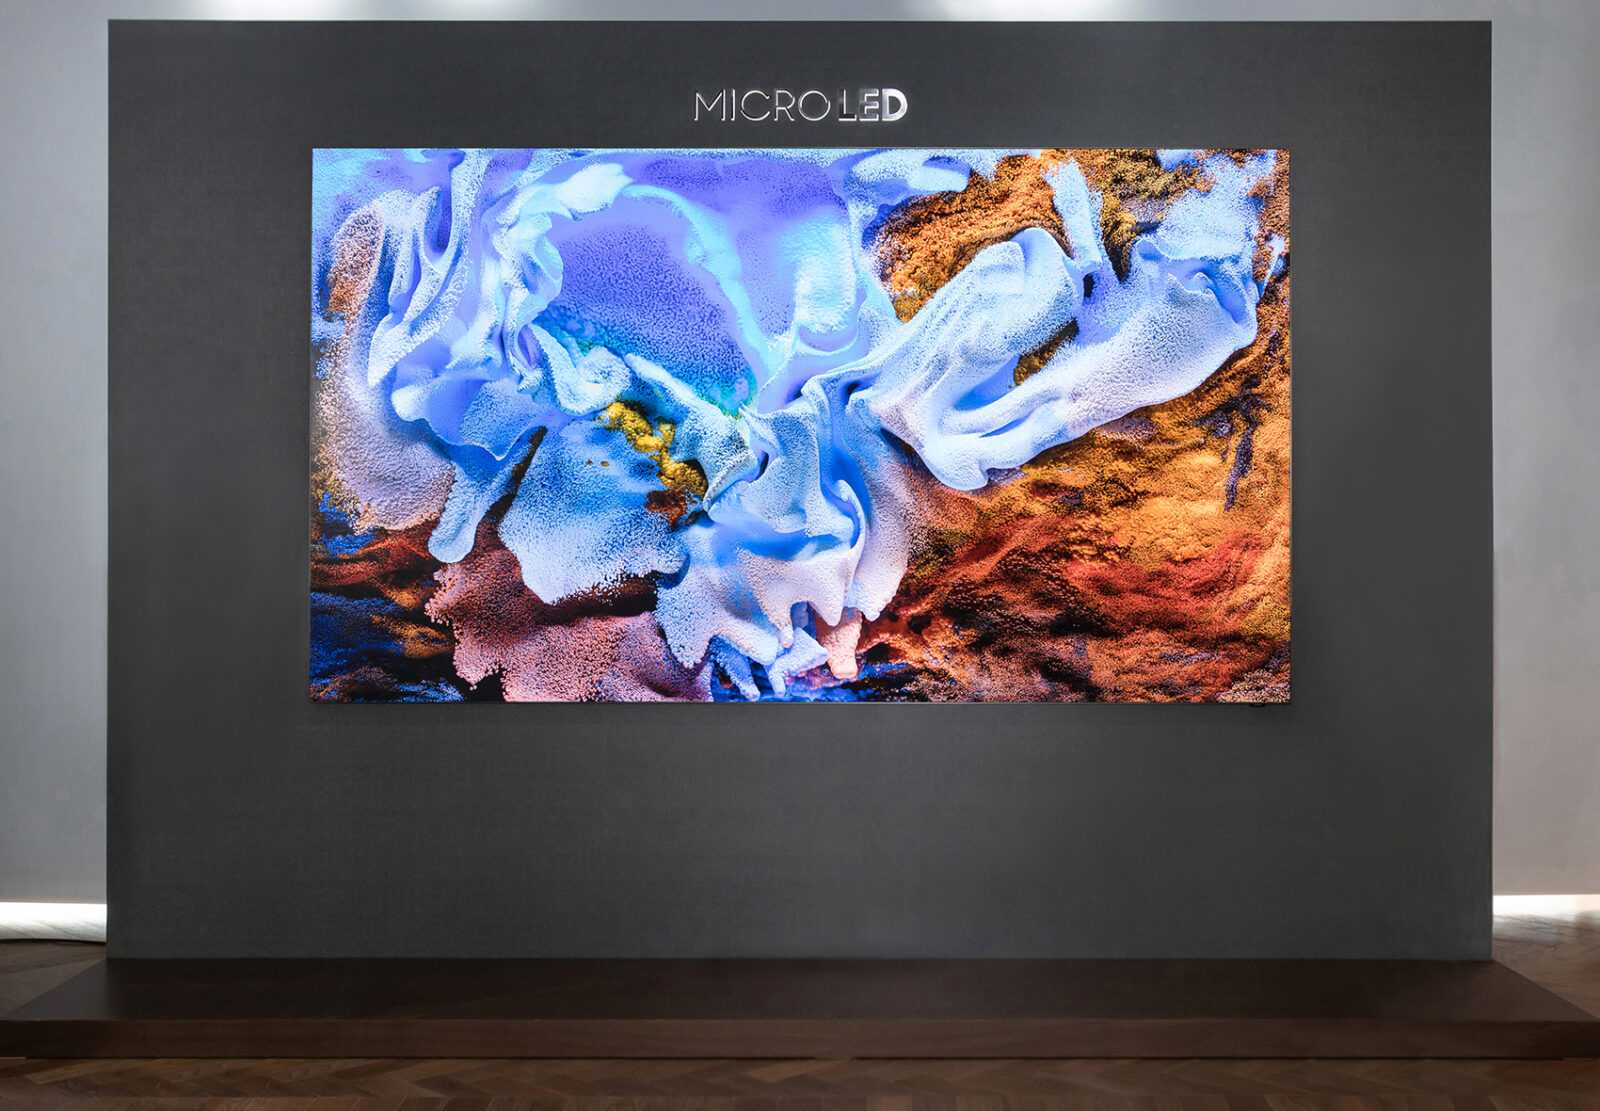 Компания Samsung представила новые телевизоры Neo QLED и Micro LED, и рассказала про технологии (samsung microled dl1)